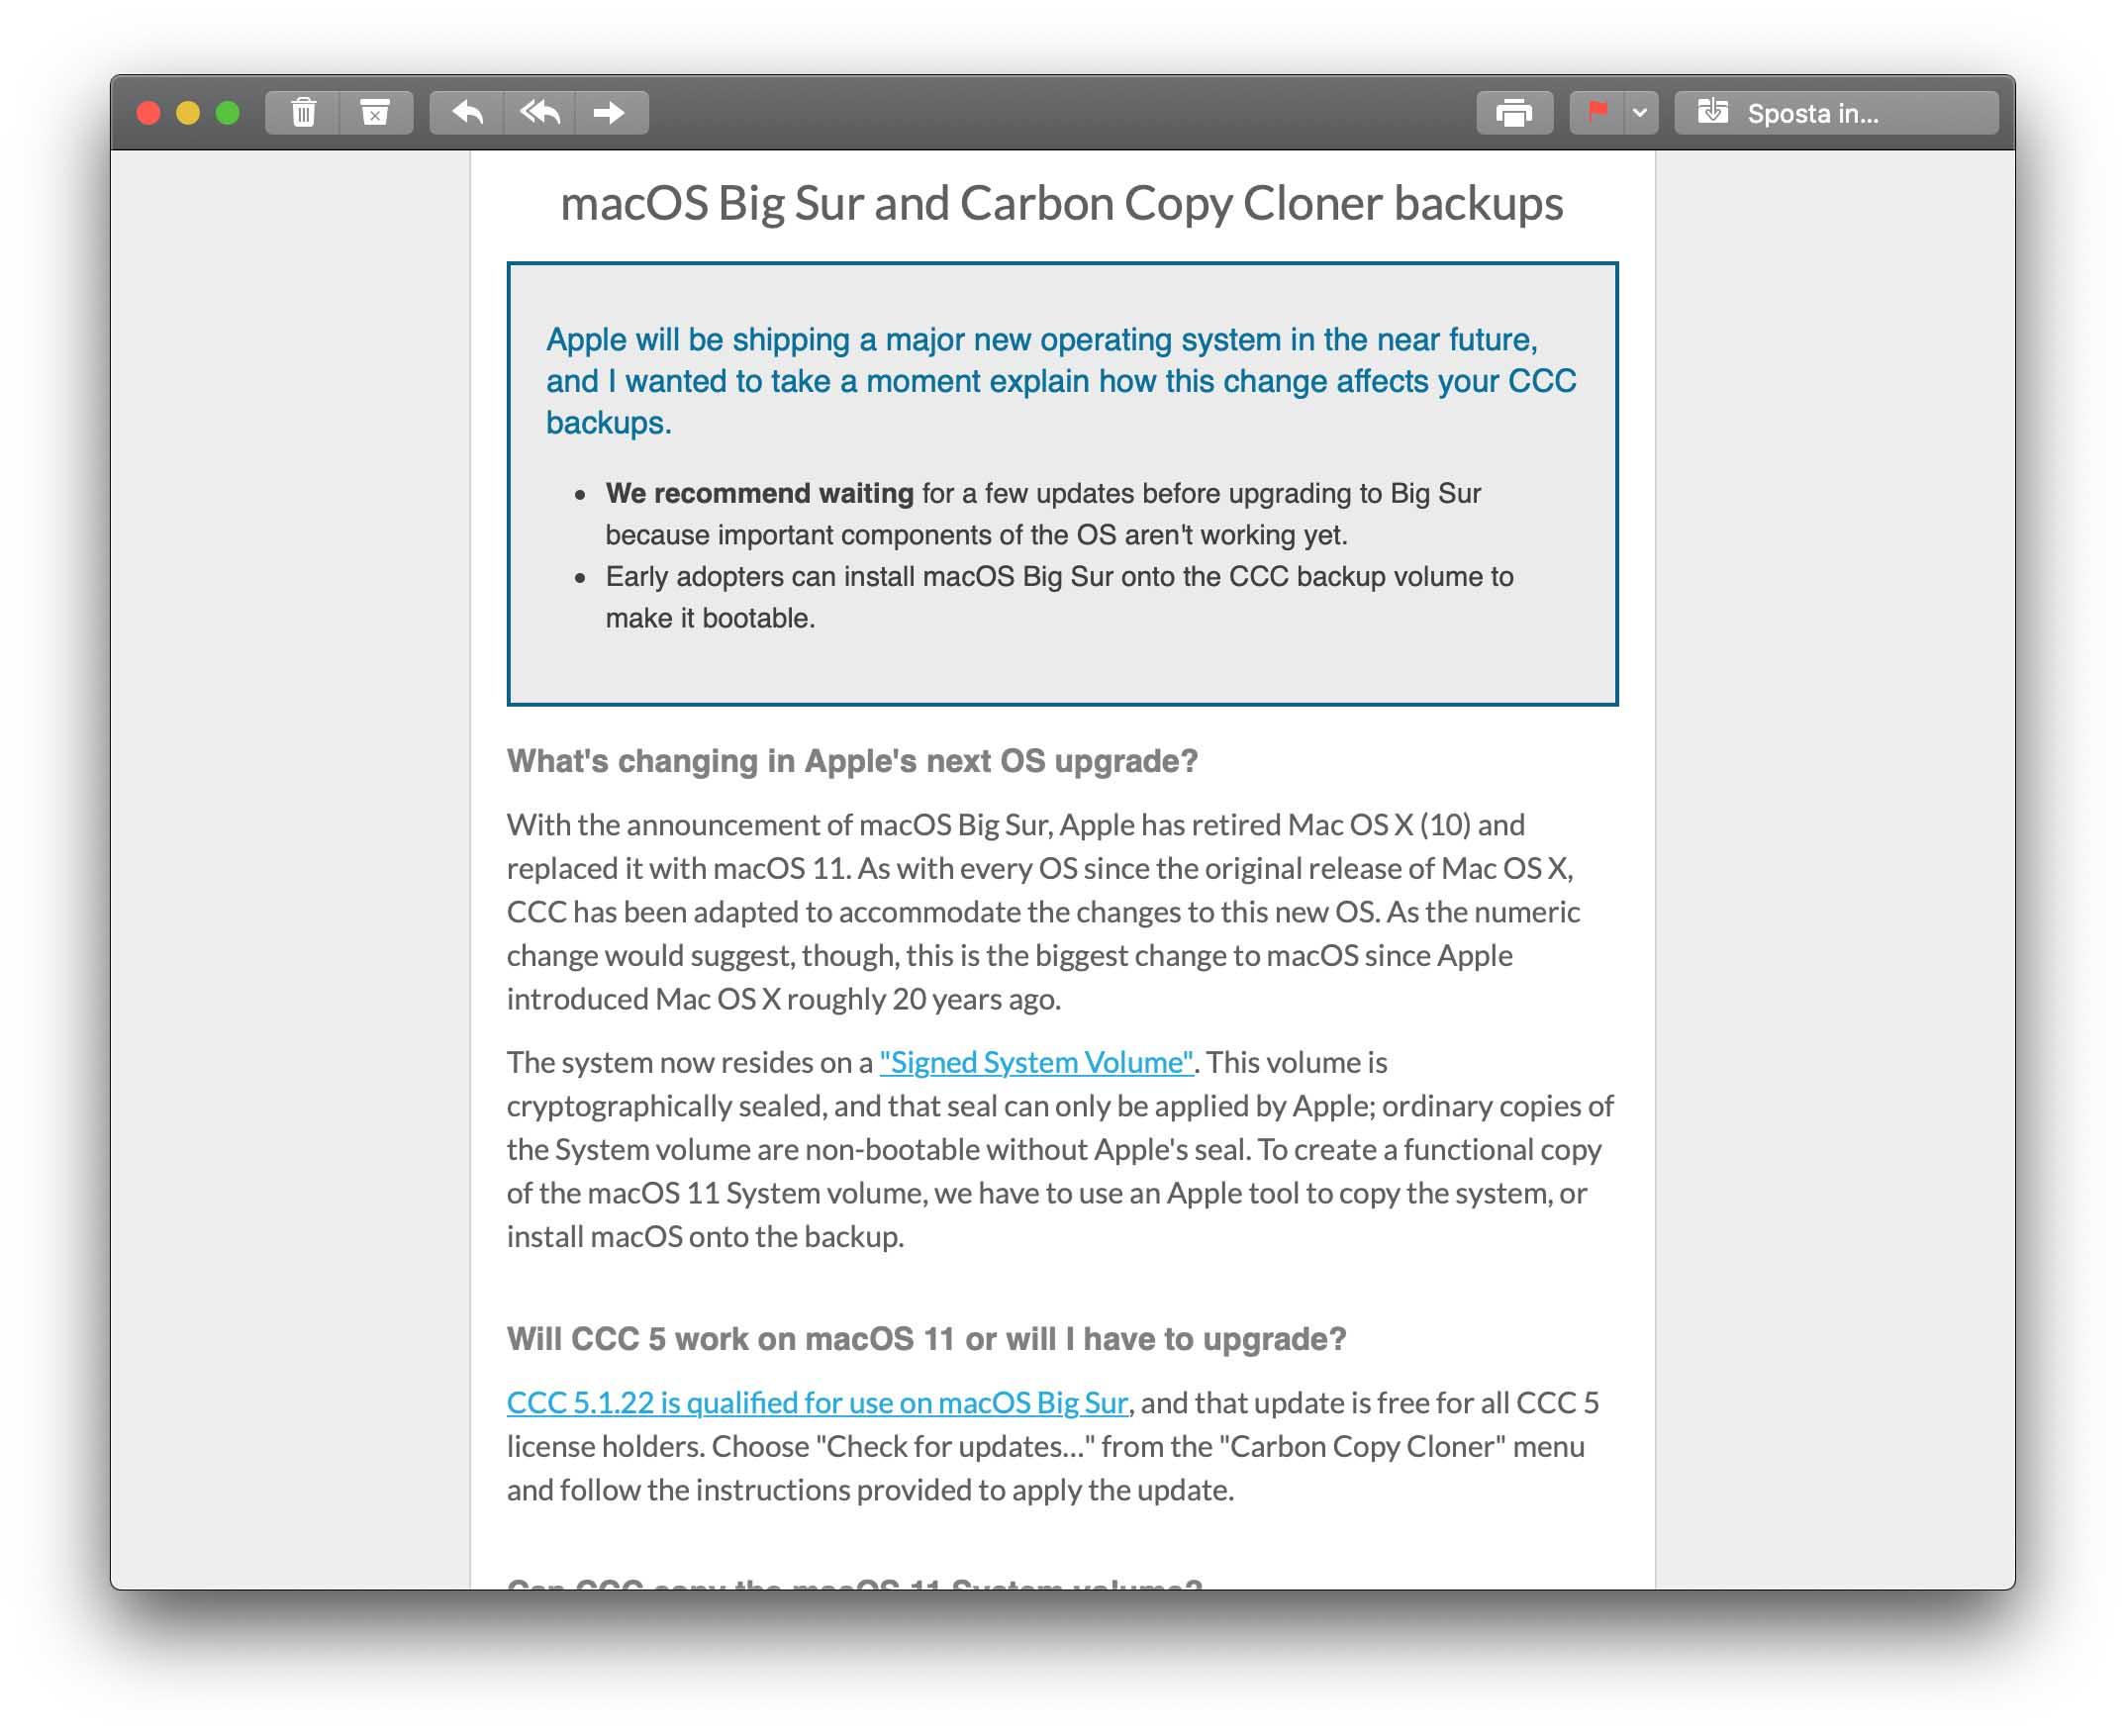 Gli sviluppatori di Carbon Copy Cloner riferiscono di problemi di compatibilità con macOS Big Sur